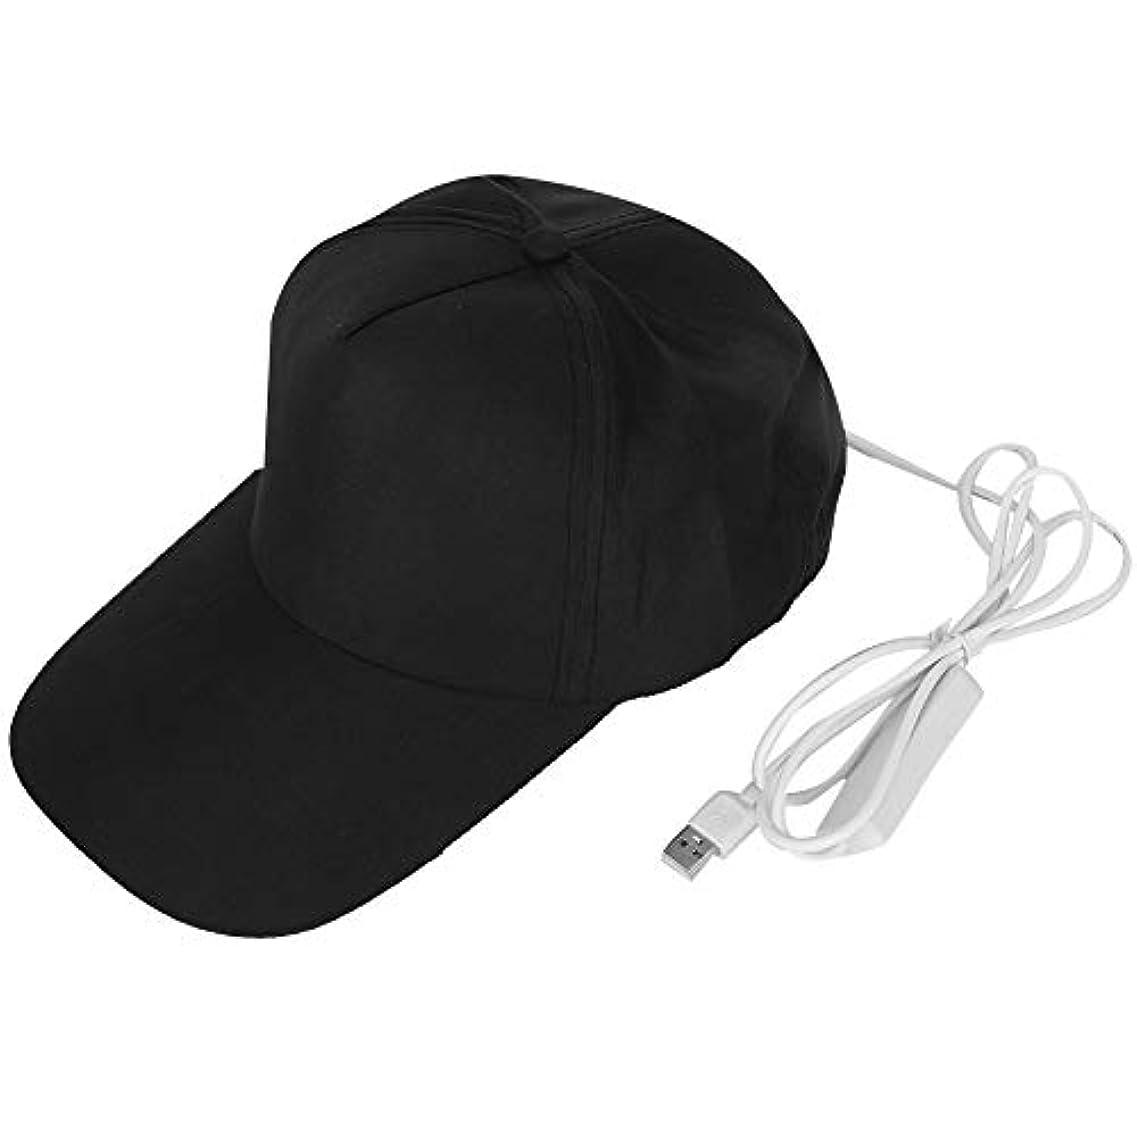 分析的な番目公152pcs軽い破片の毛の成長の反毛の帽子